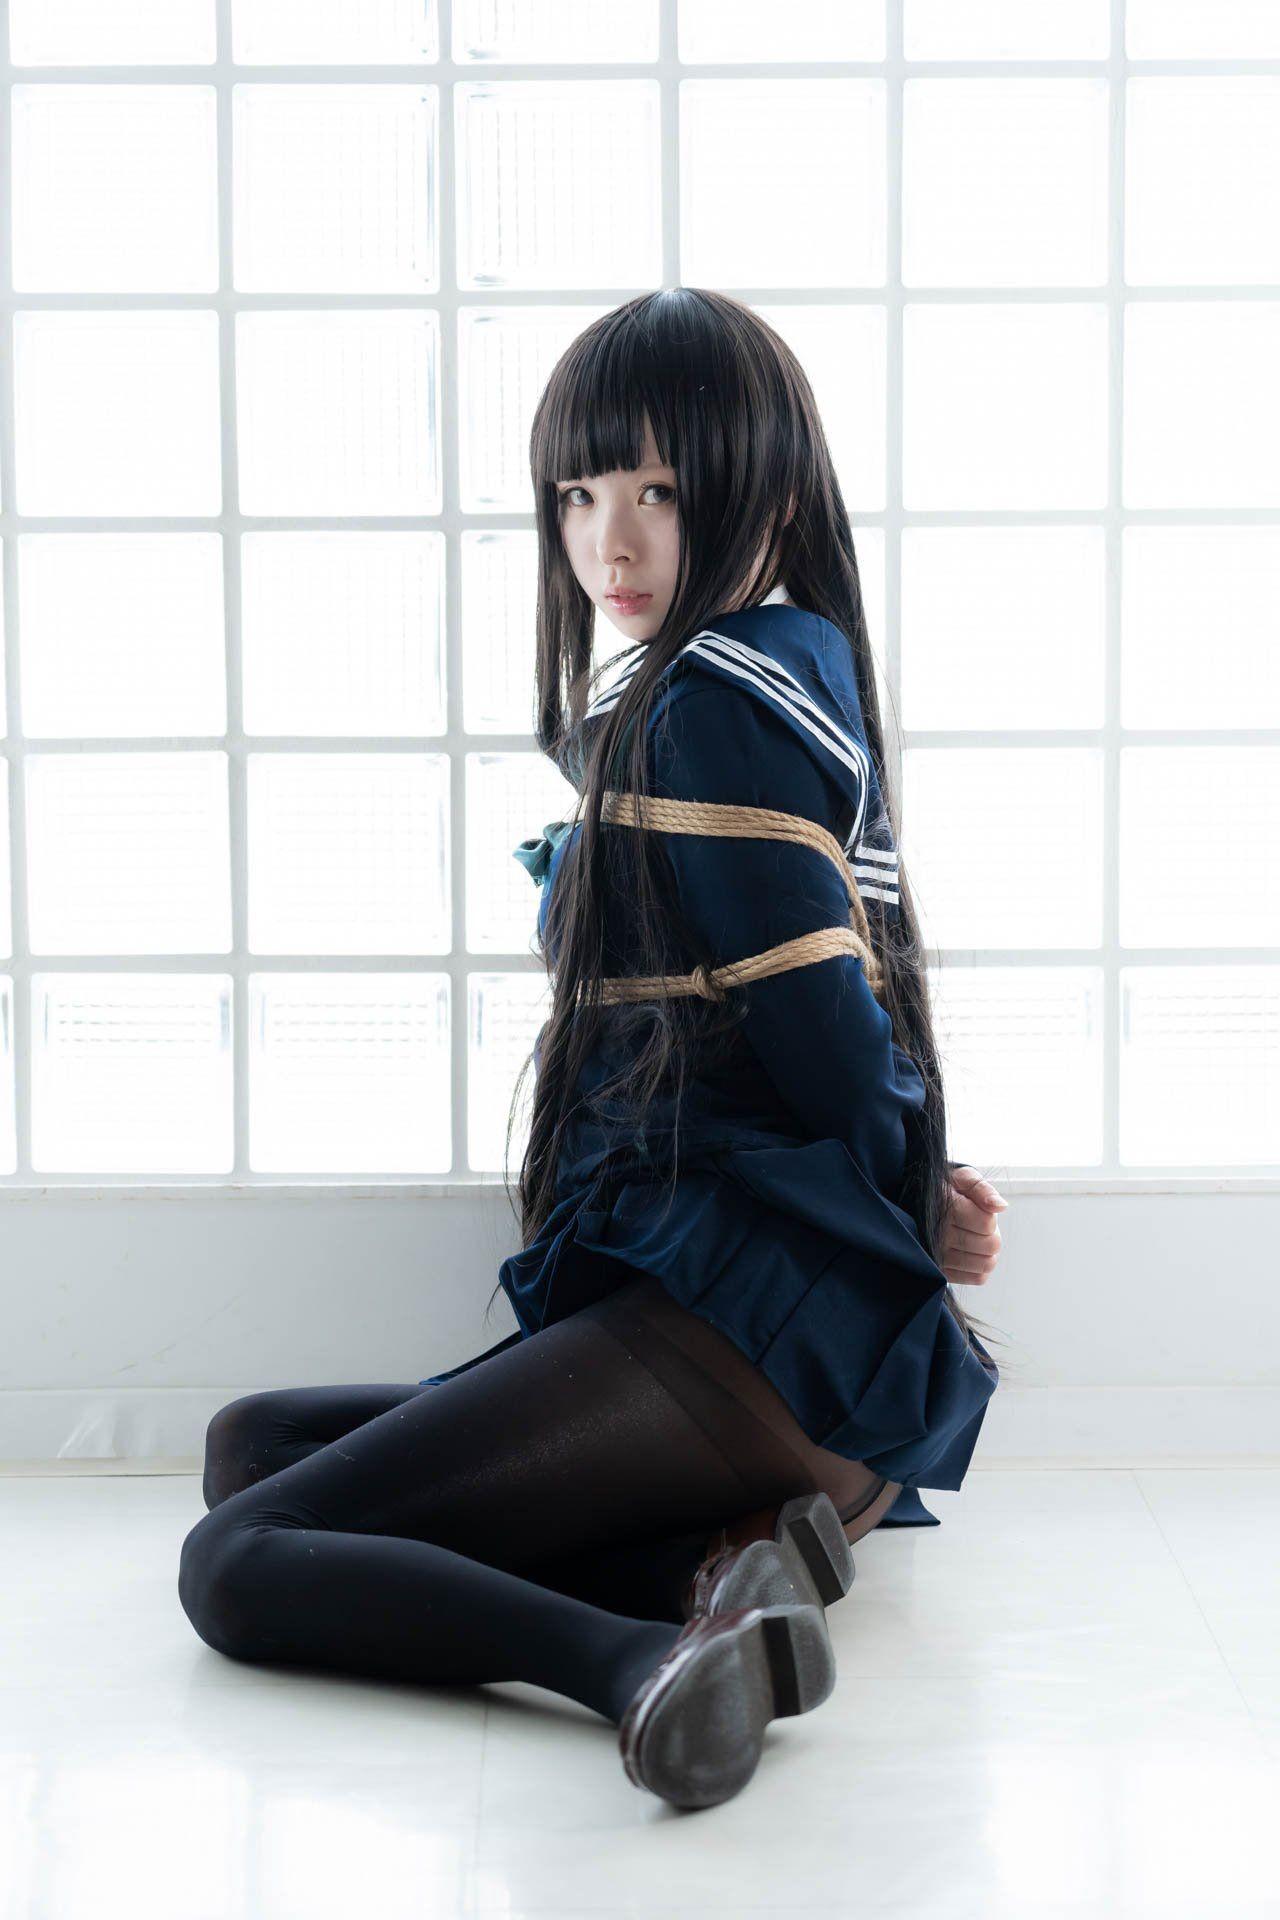 三次元 3次元 エロ画像 JK 女子校生 緊縛 べっぴん娘通信 05